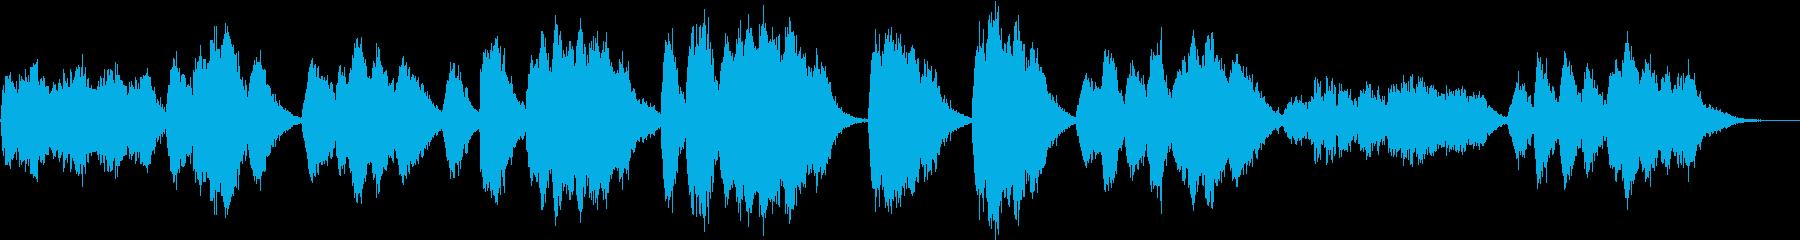 怪しい歌声/ハロウィンBGM/怖い肖像画の再生済みの波形